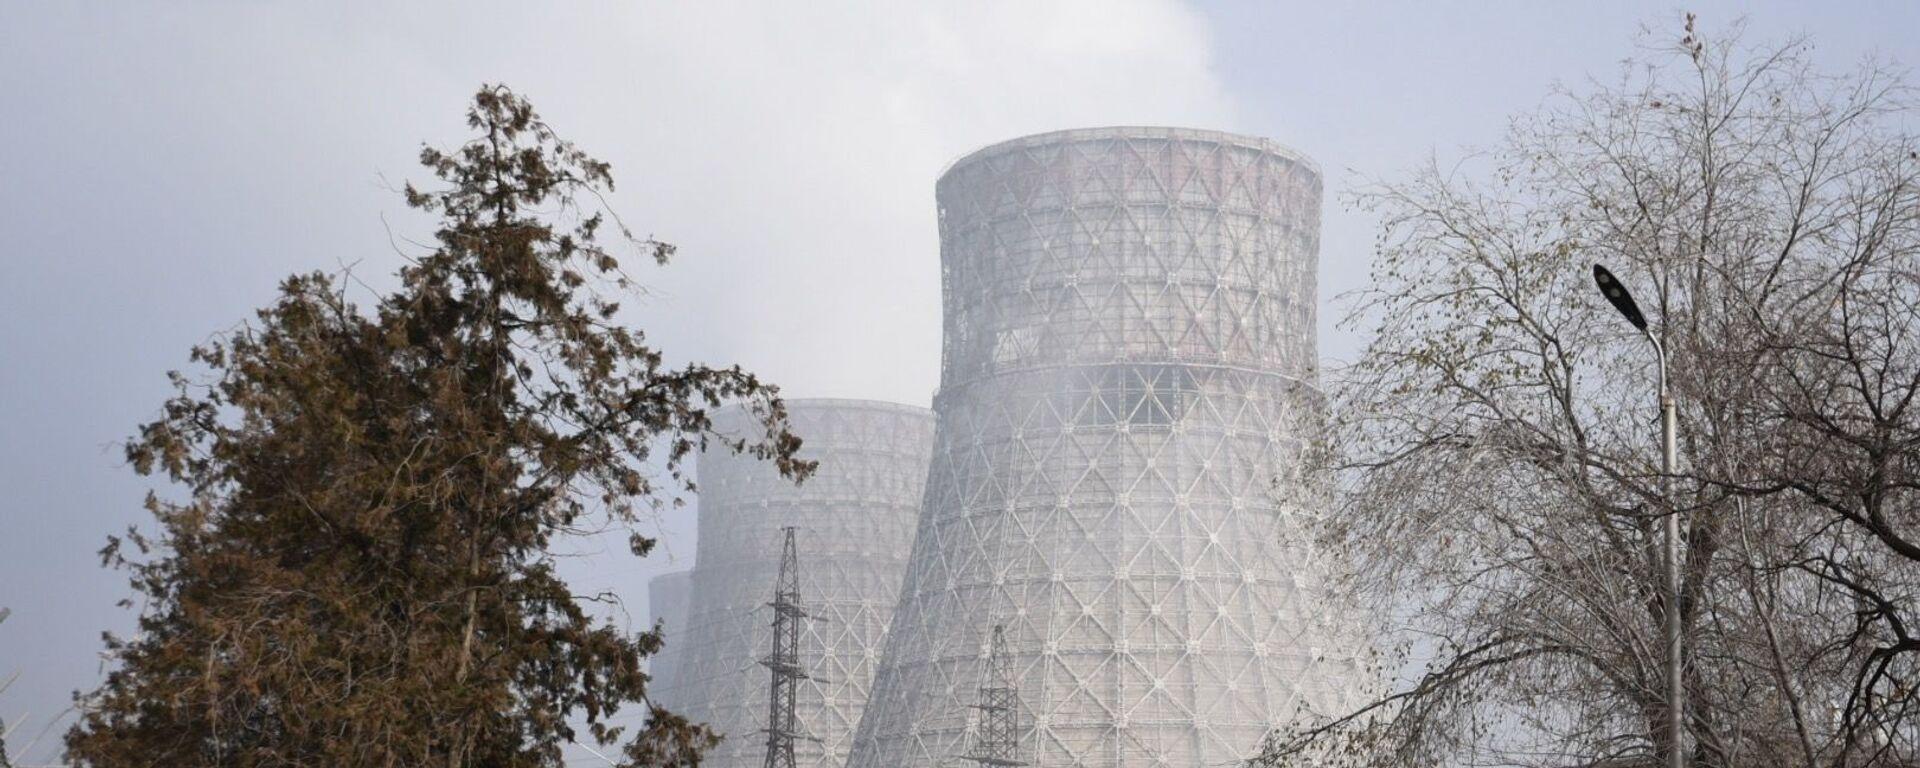 Армянская атомная электростанция - Sputnik Армения, 1920, 22.09.2021